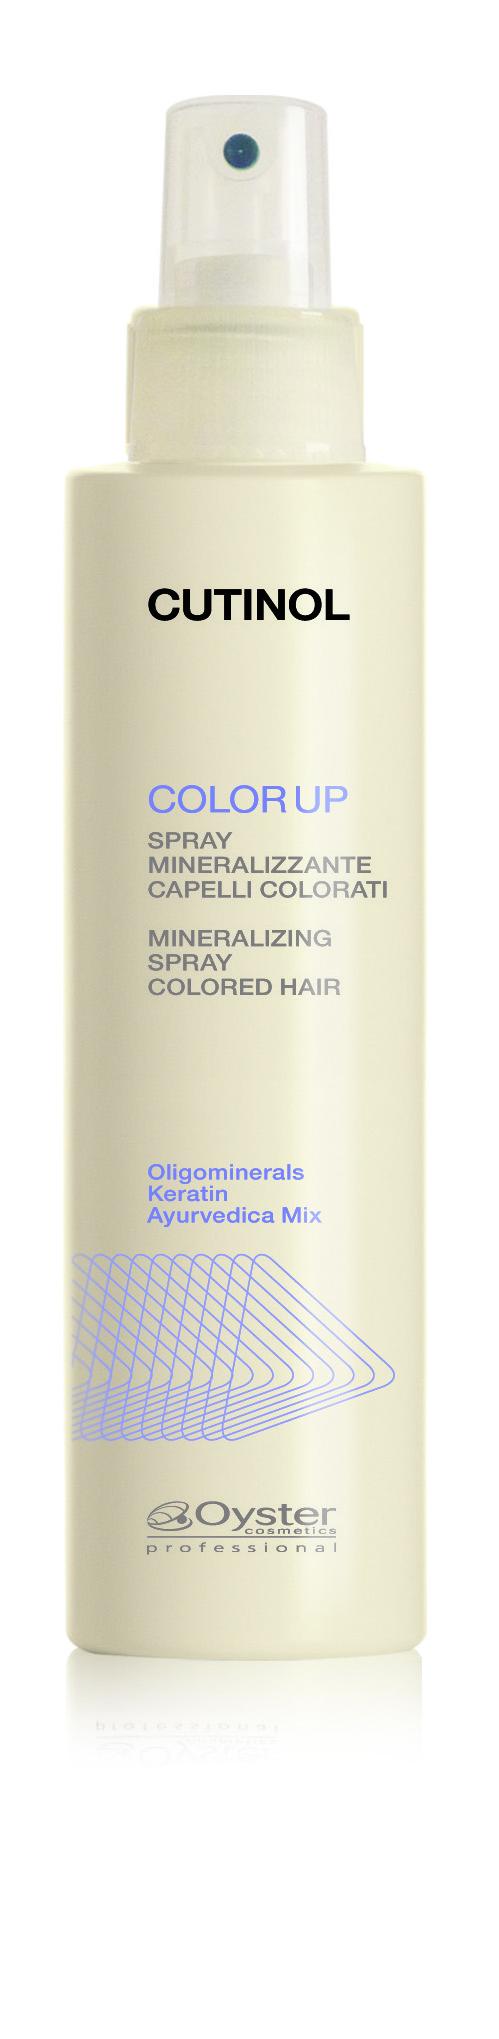 condizionante capelli colorati parrucchiere